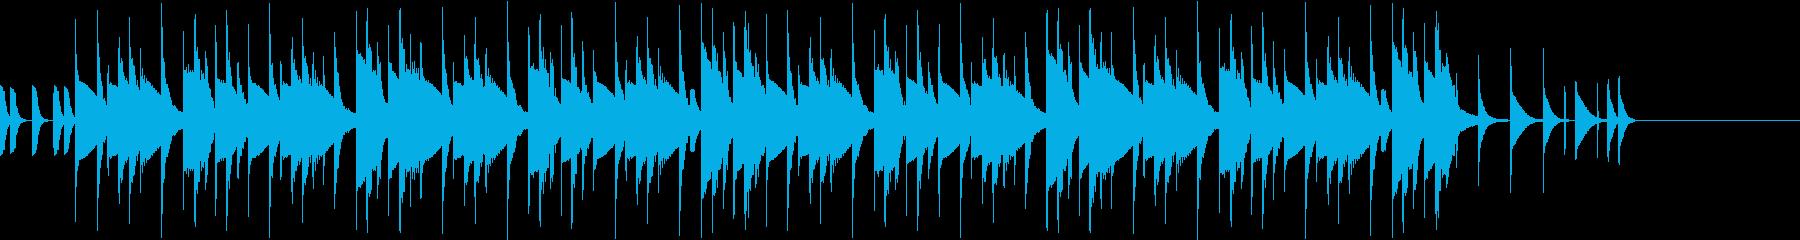 リズムボックスのテクノポップ ジングル2の再生済みの波形